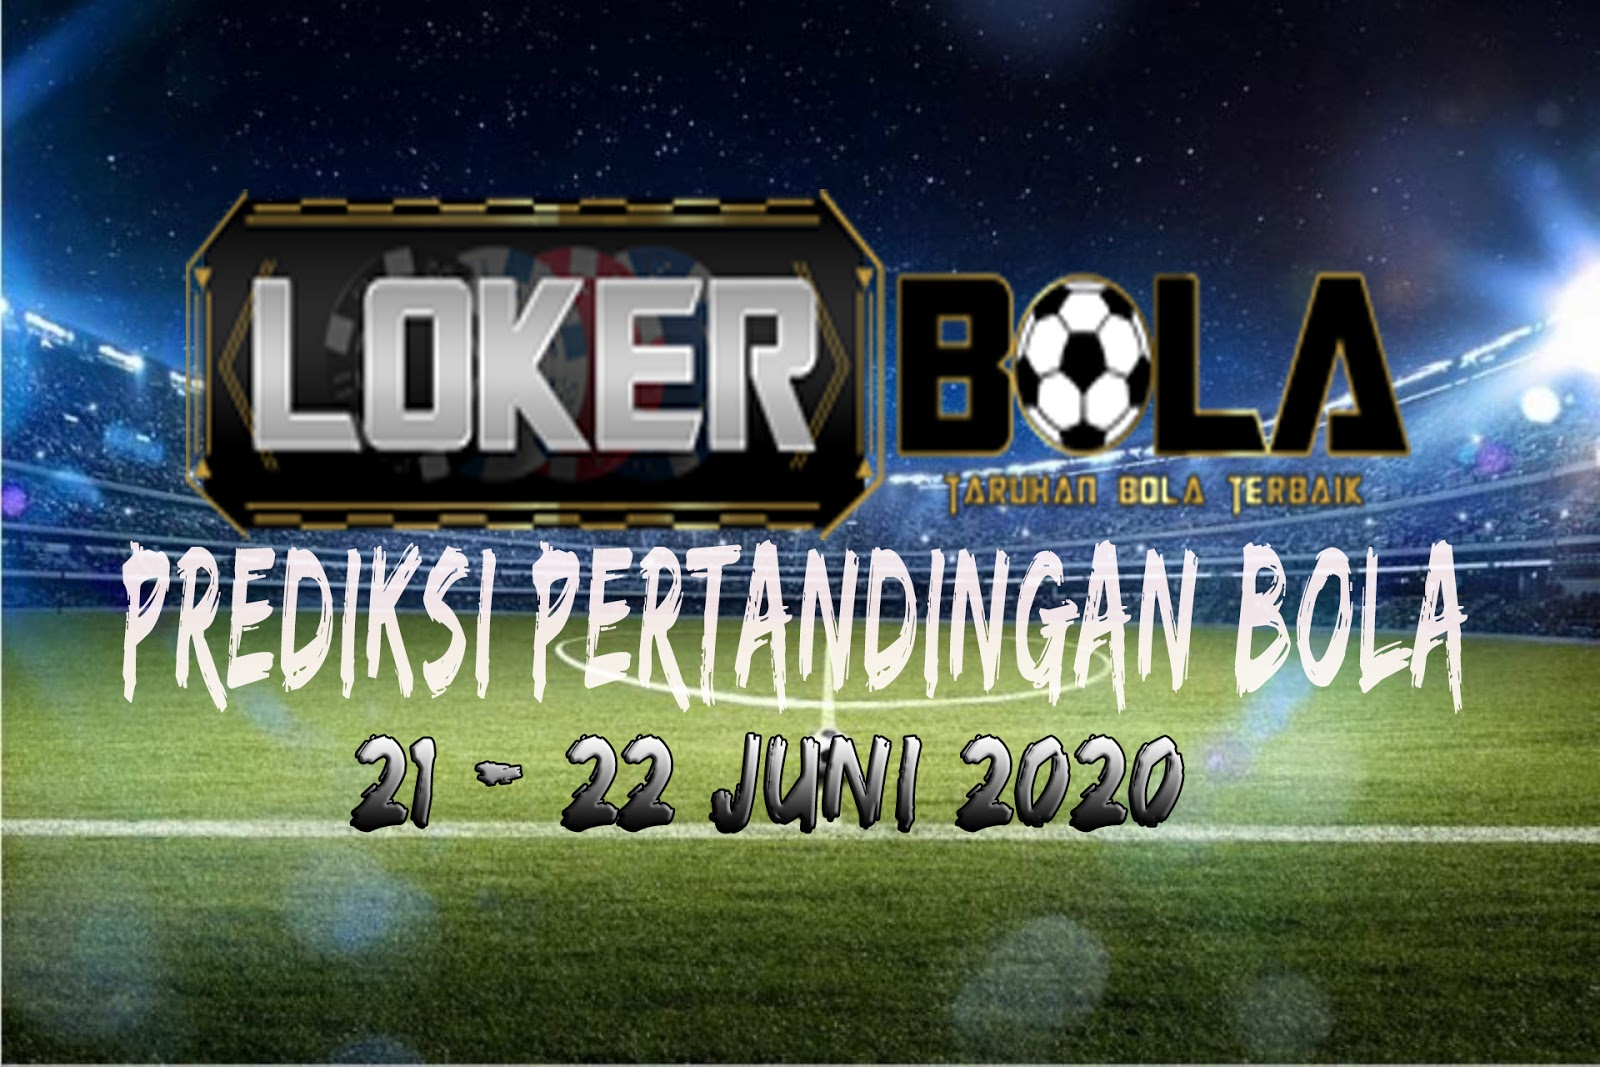 PREDIKSI PERTANDINGAN BOLA 21 – 22  June 2020